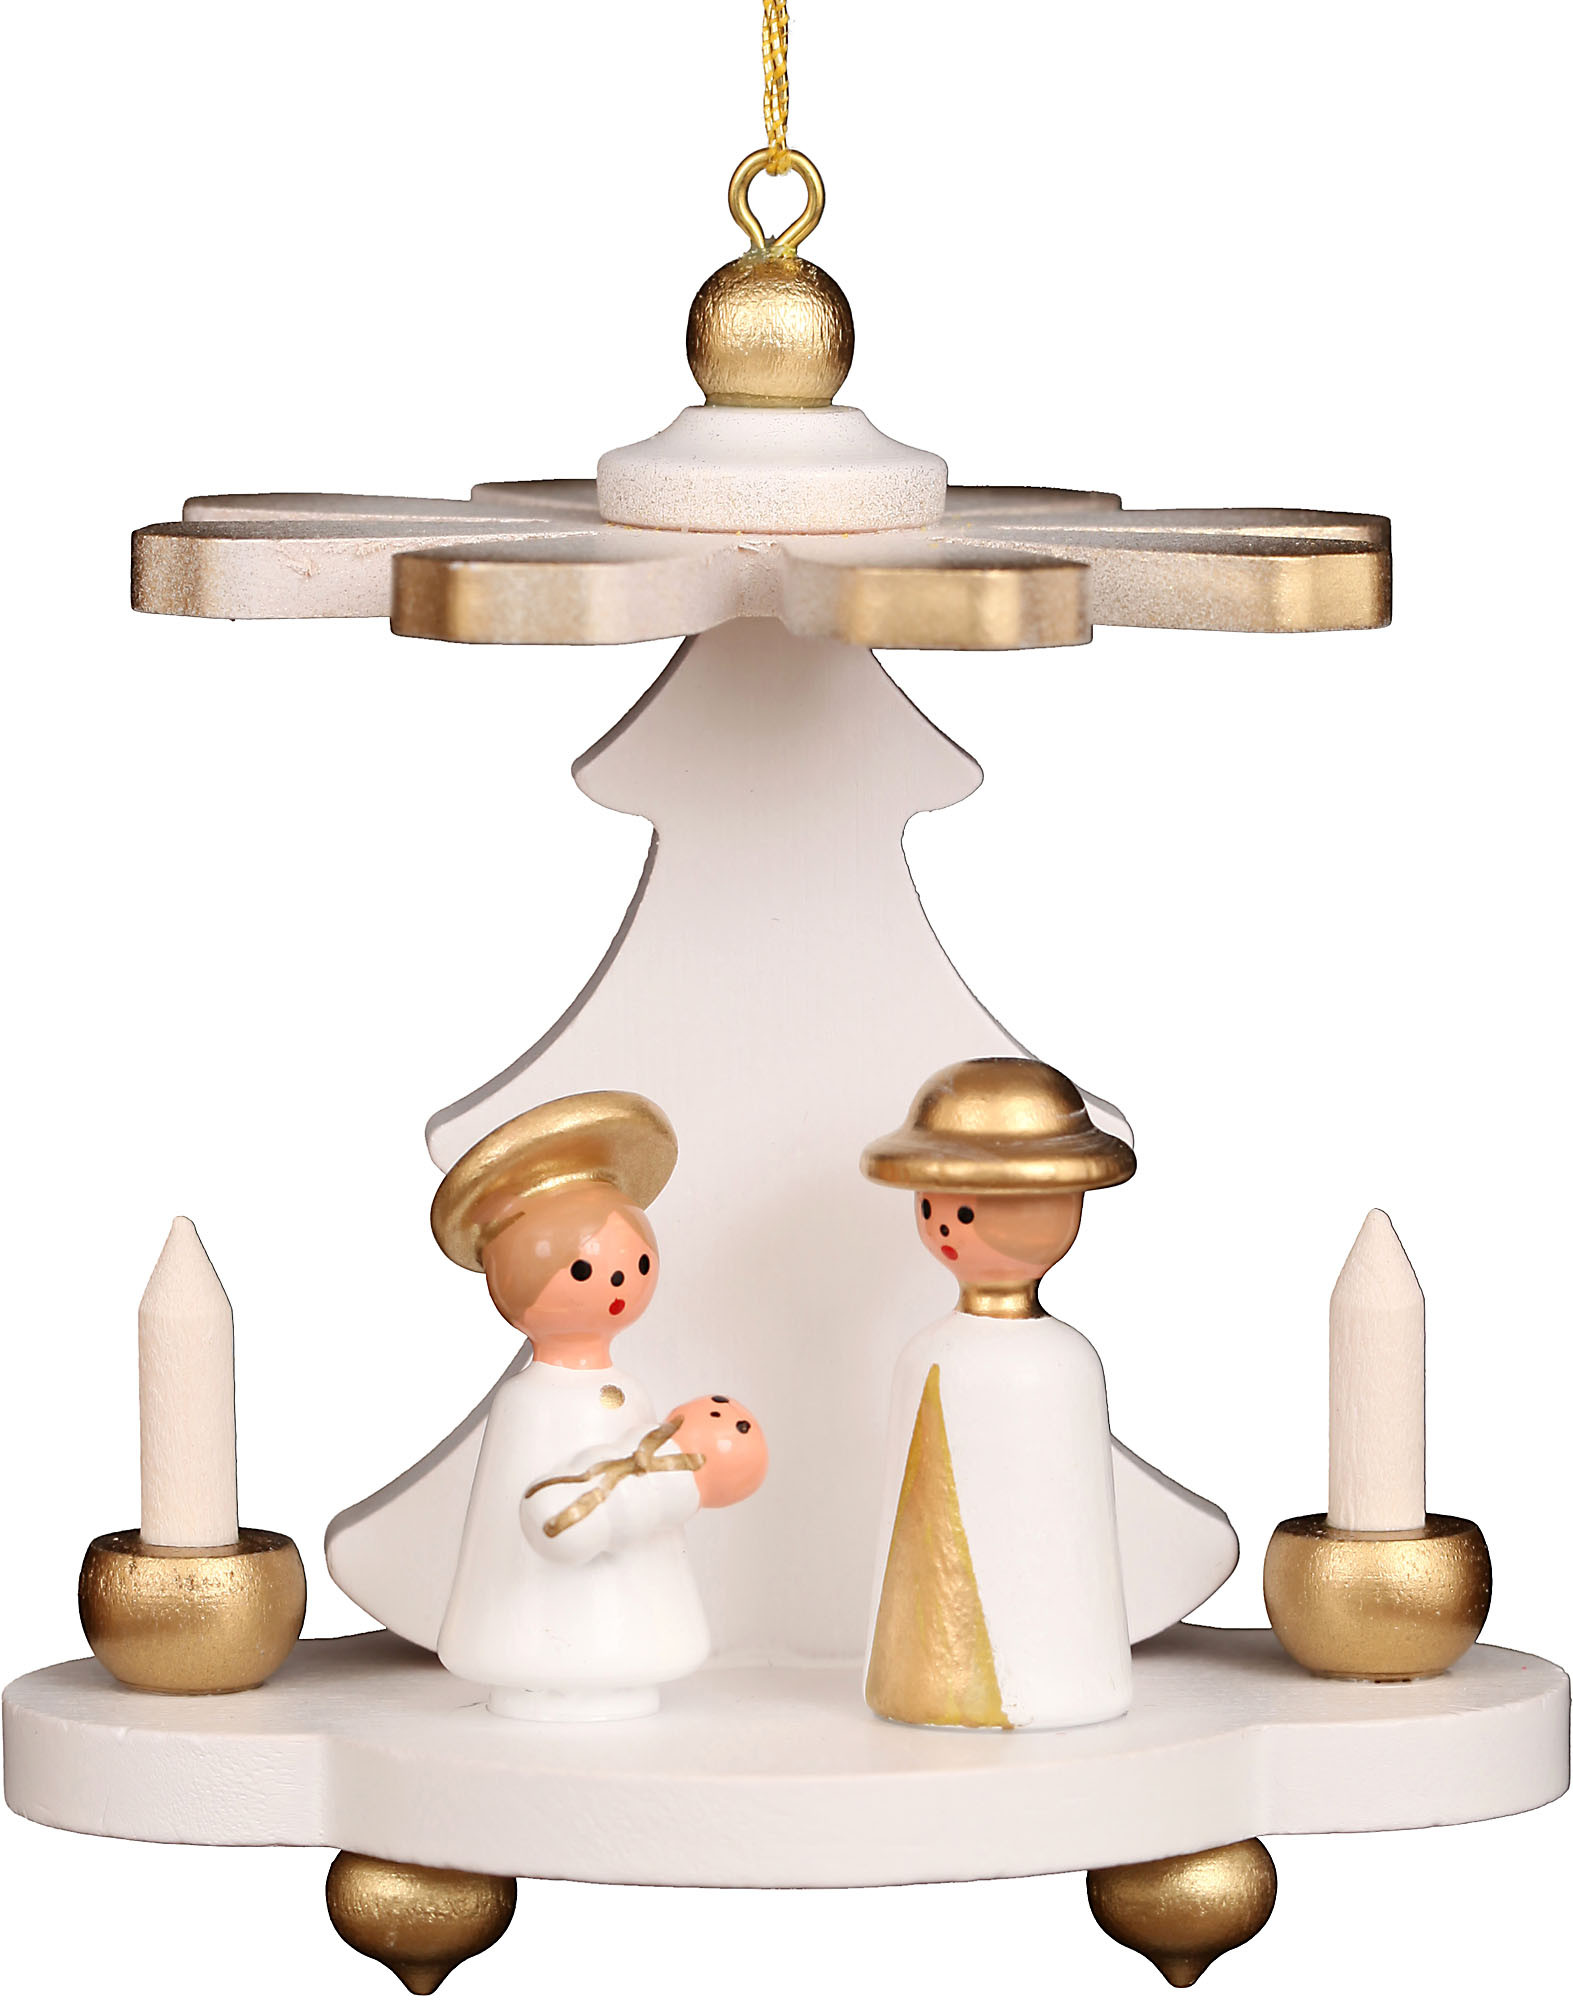 Christian Ulbricht Baumbehang Pyramide weiß mit Heiliger Familie